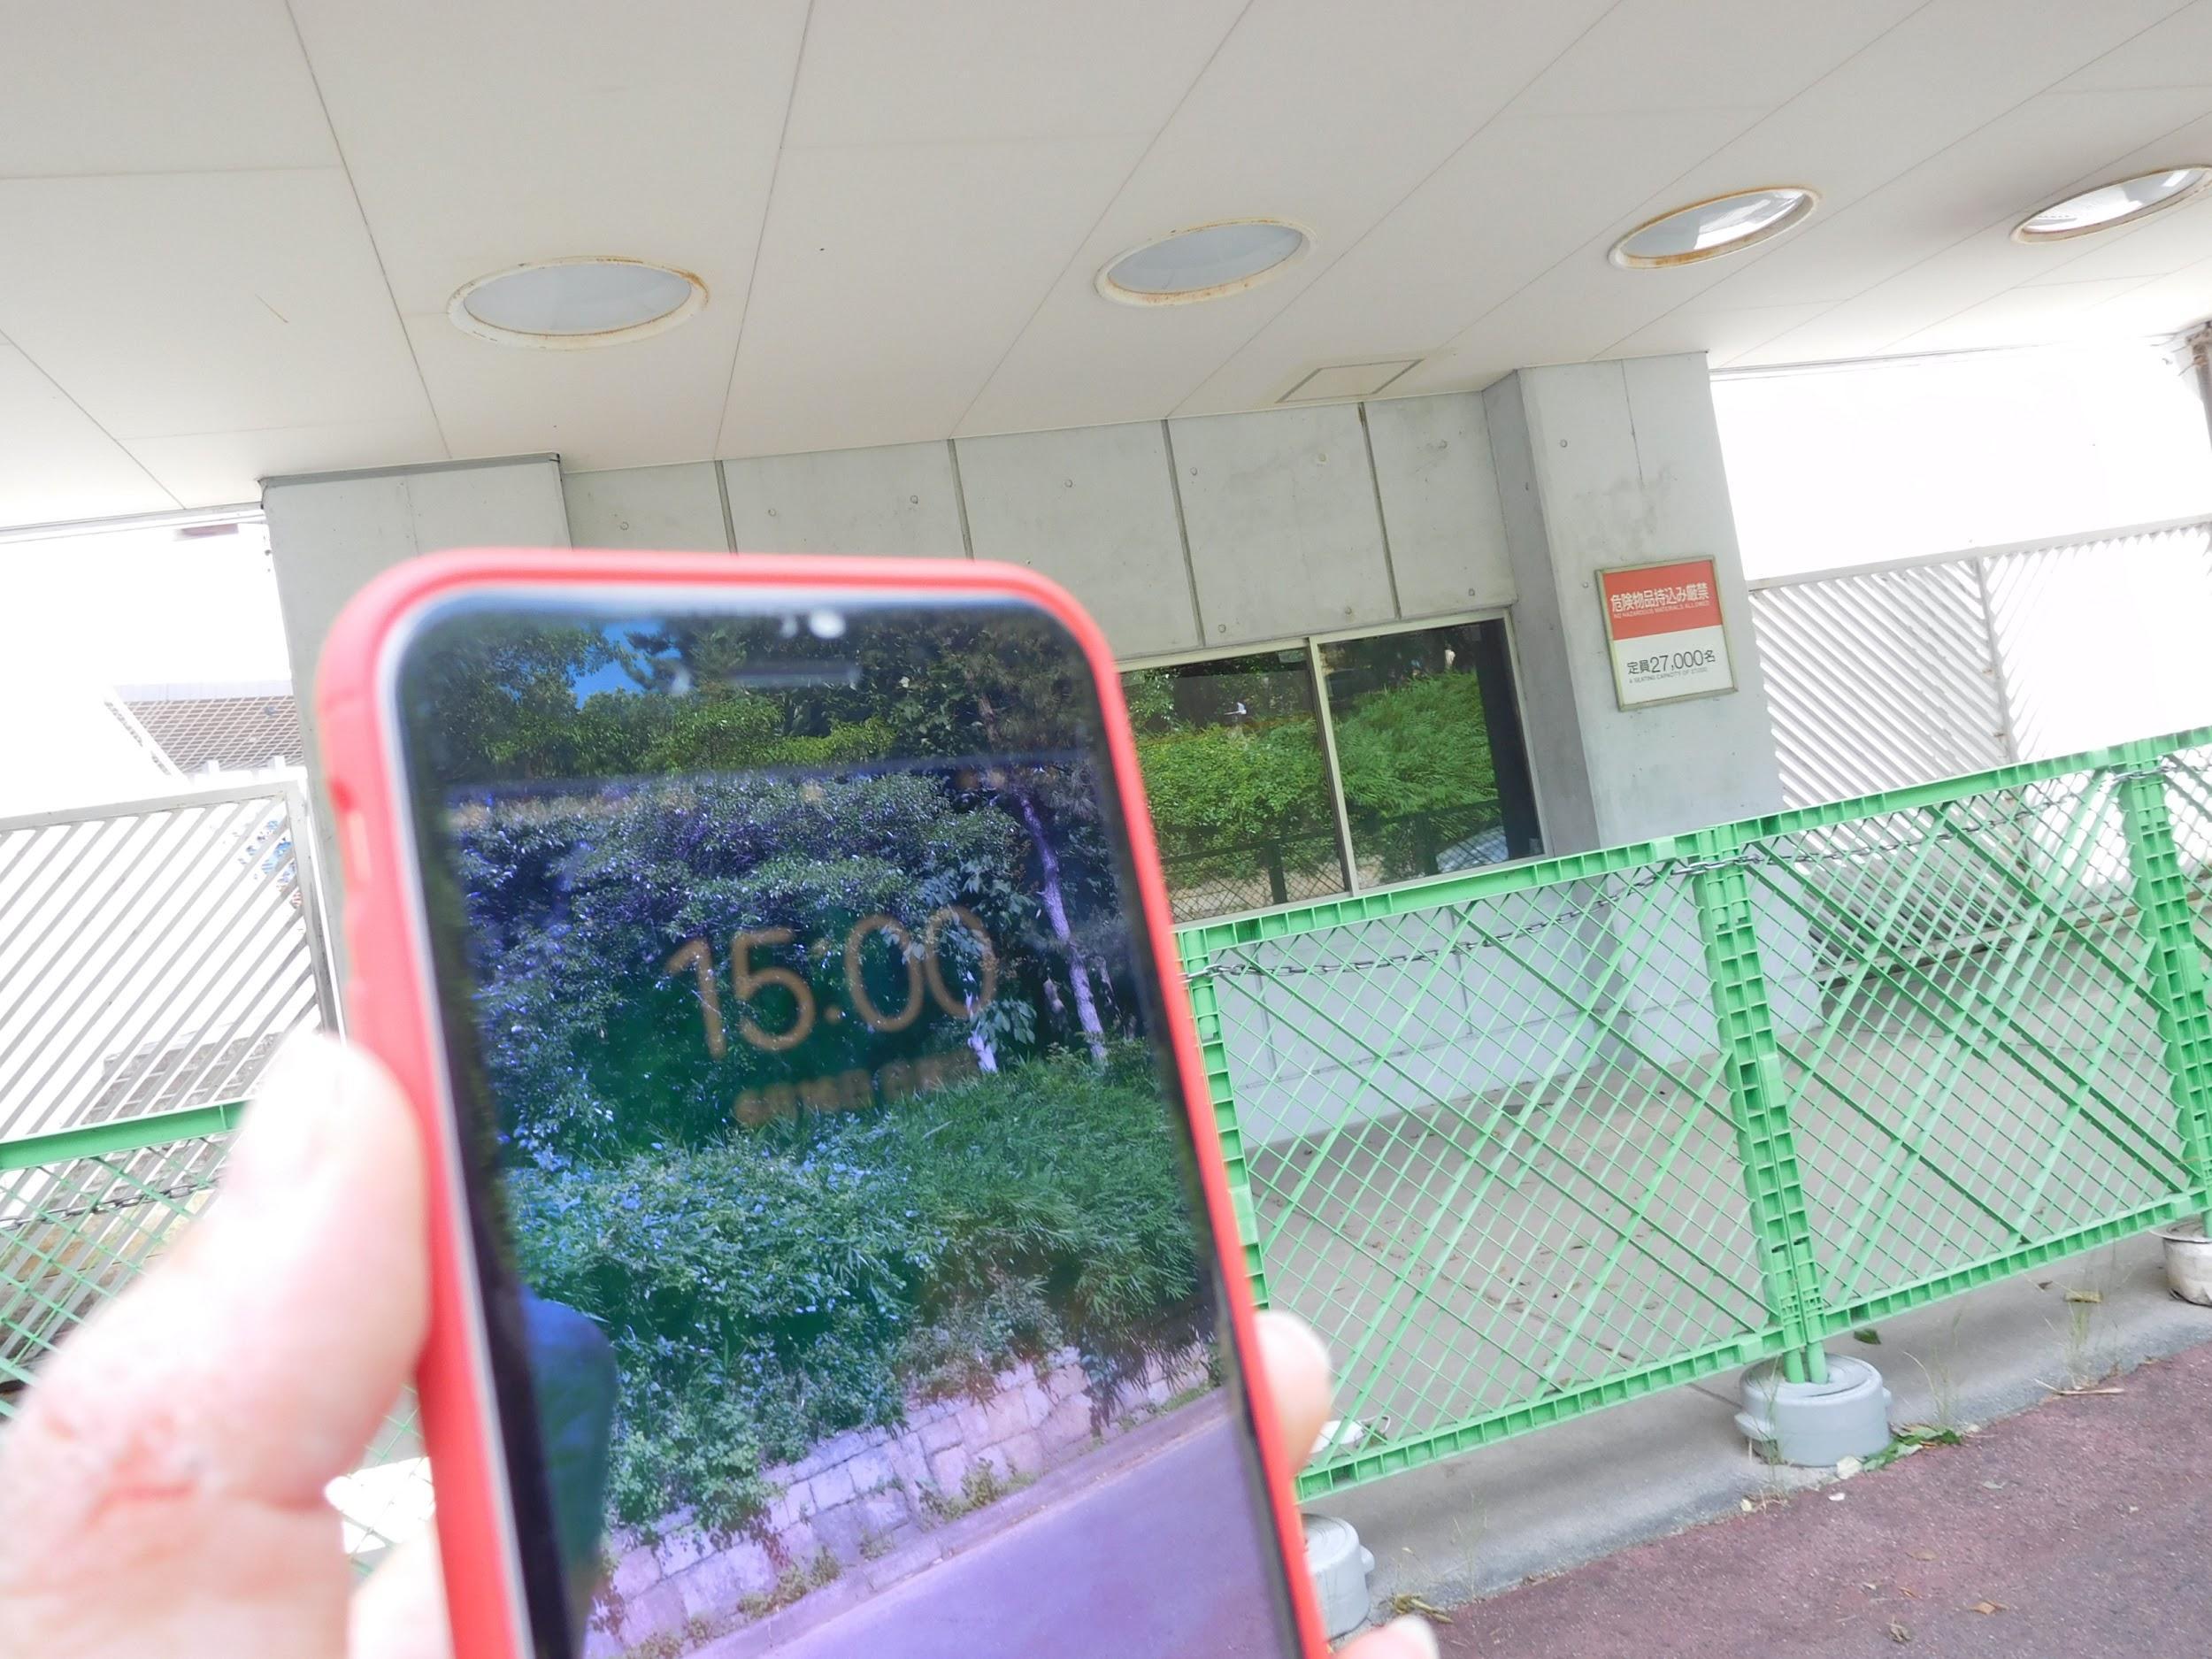 パロマ瑞穂スタジアムビジター入場ゲート